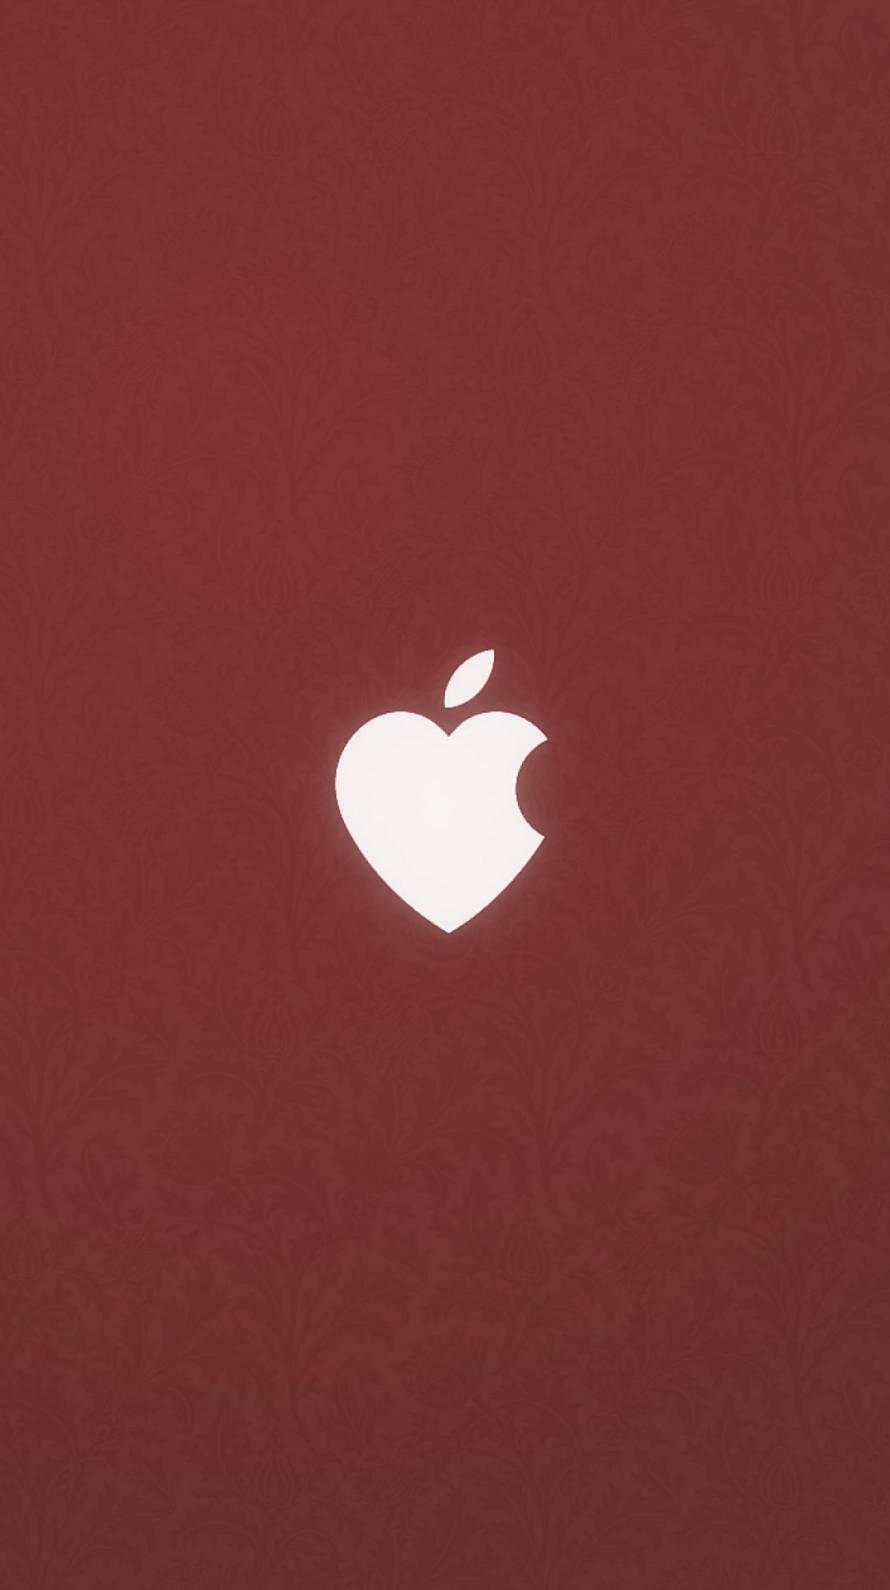 ハートのアップルマーク Iphone6壁紙 Wallpaperbox